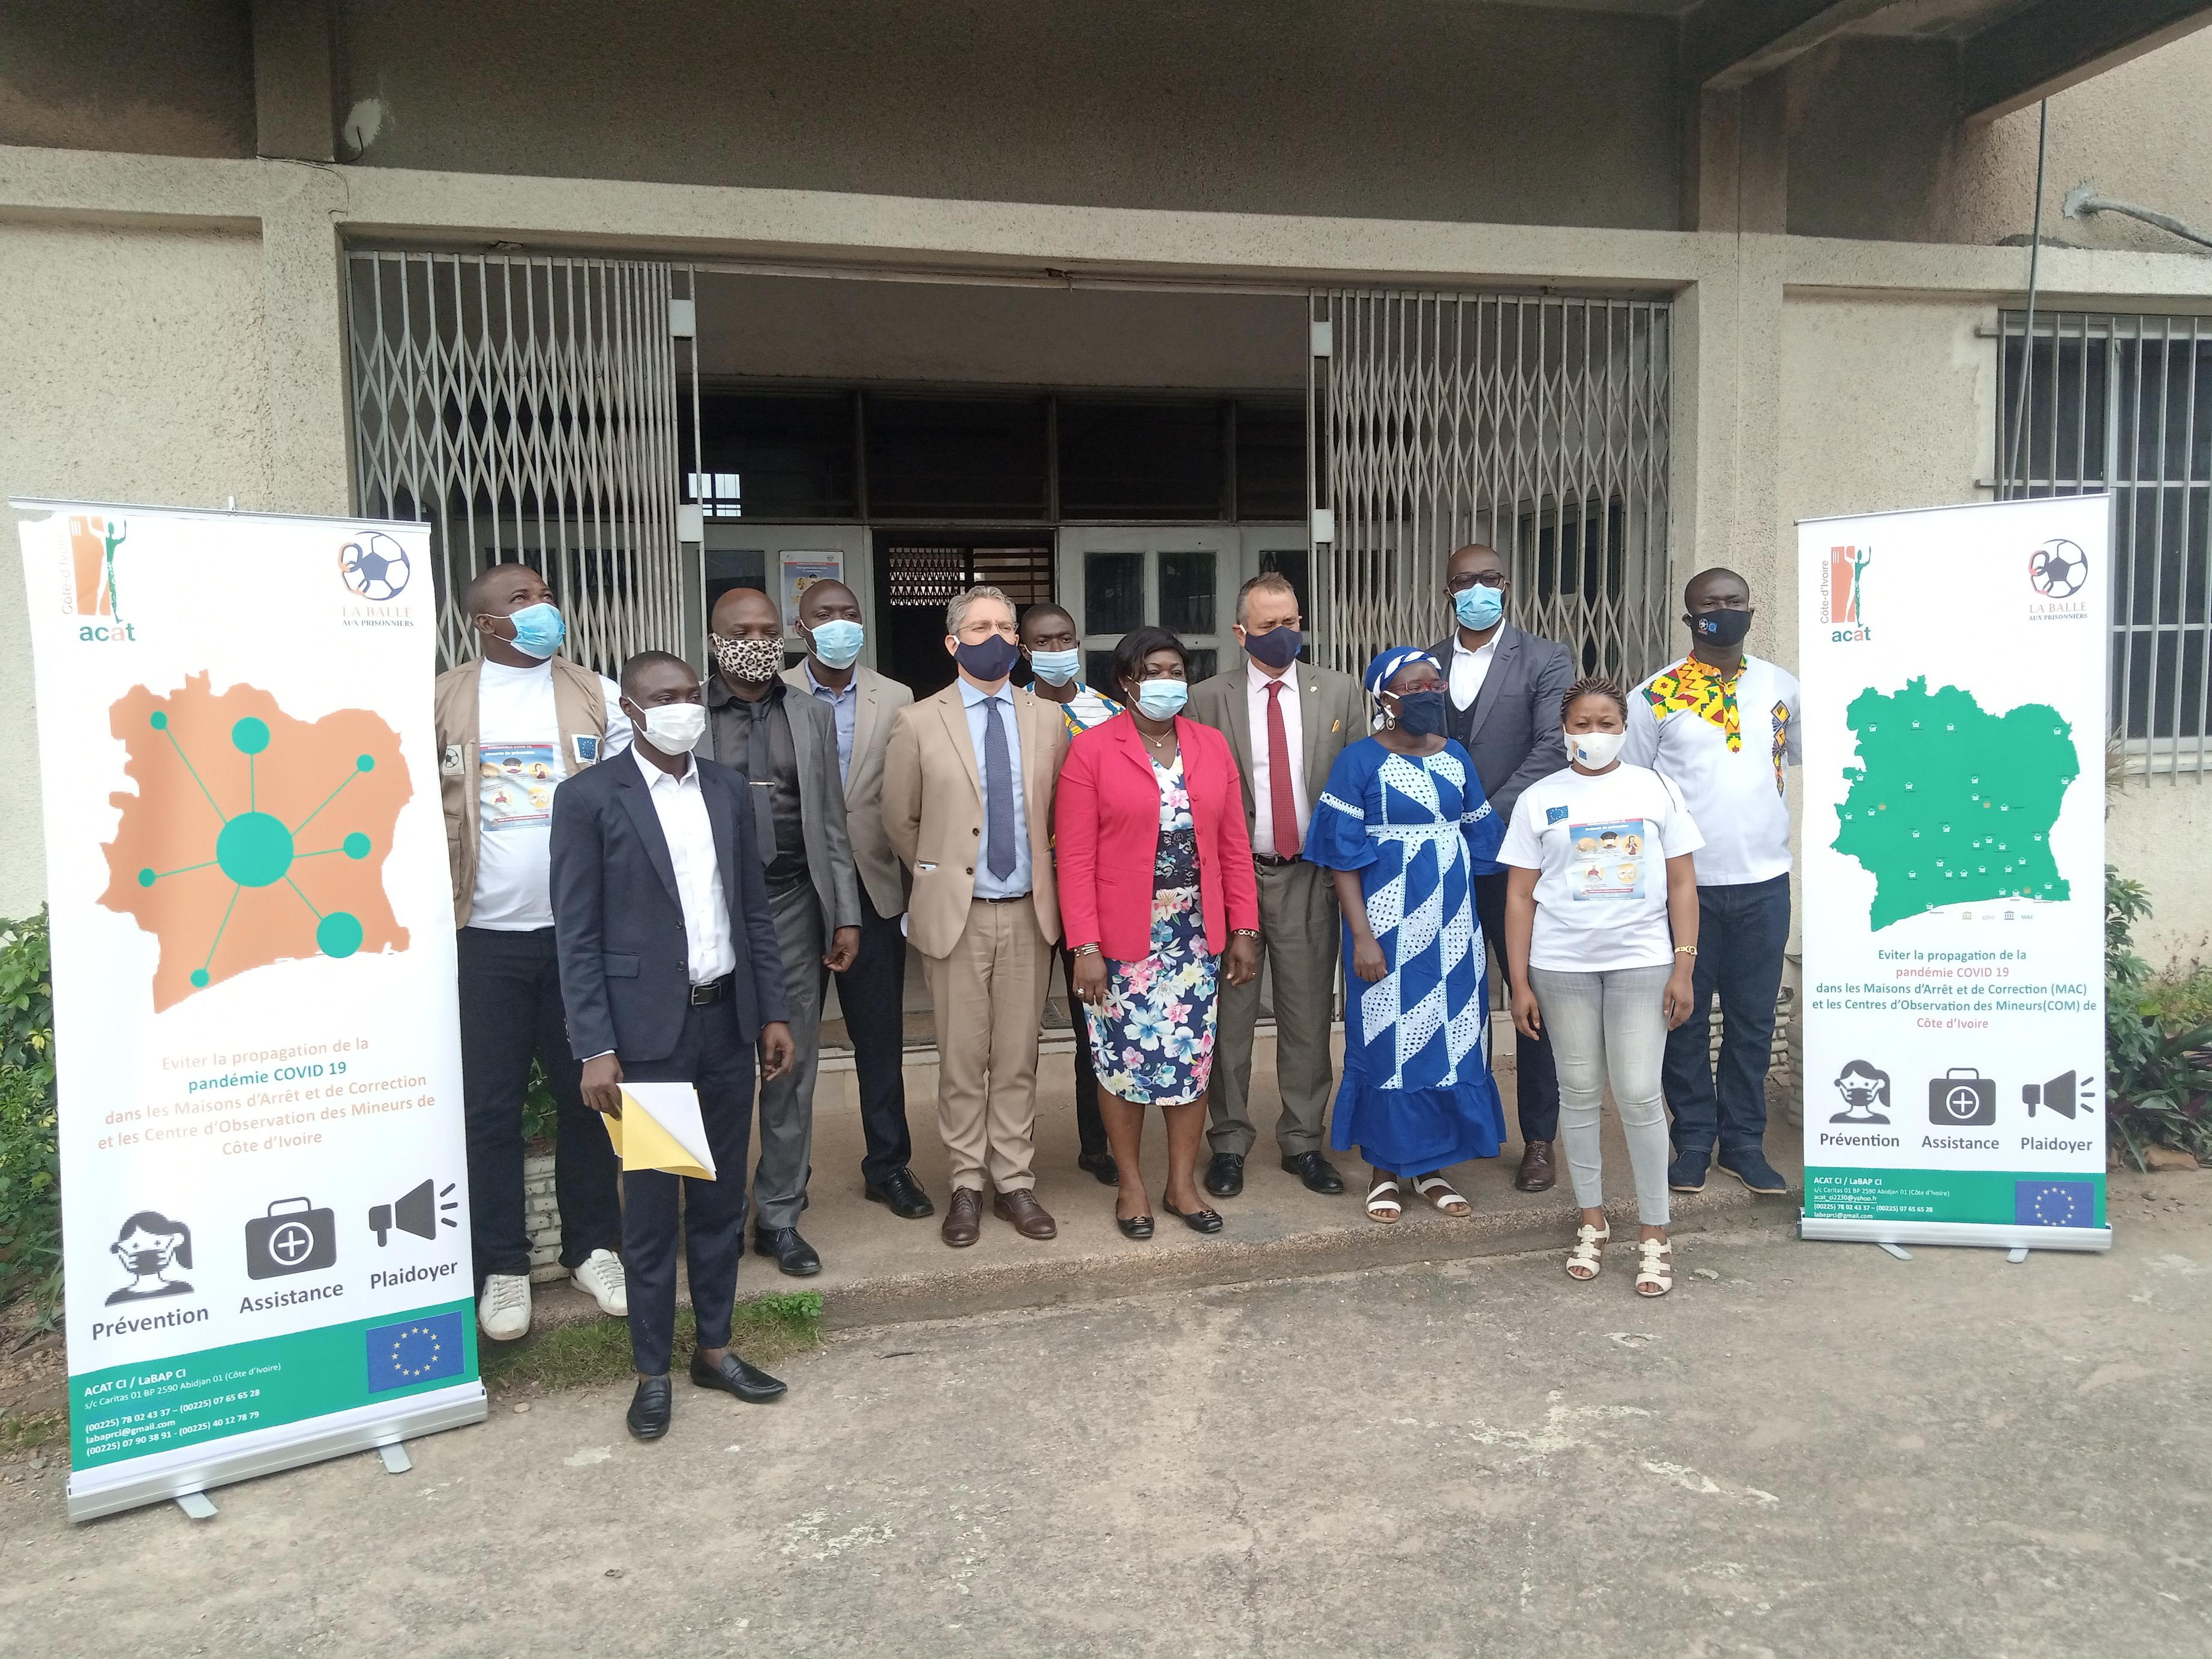 Actions préventives contre la Covid-19 en milieu carcéral Ivoirien : L'ACAT-CI et LaBAP félicitées, après 4 mois d'activités